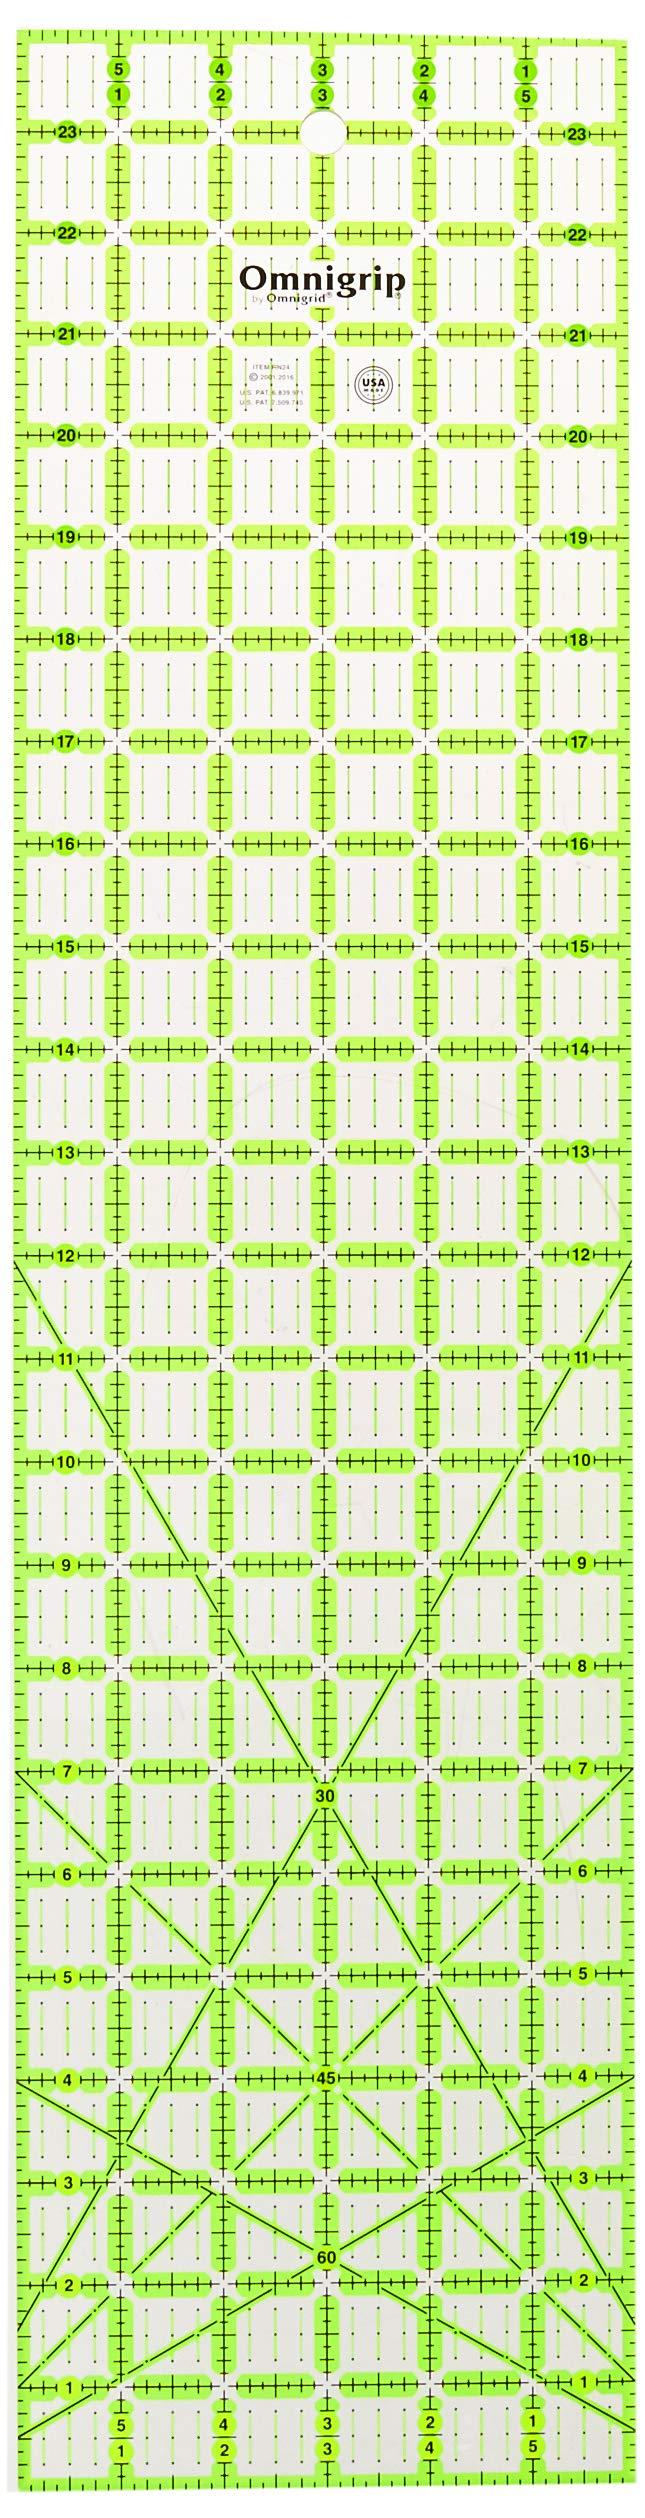 Omnigrid Non-Slip quilter's Ruler, 6'' x 24'', Original Version by Omnigrid